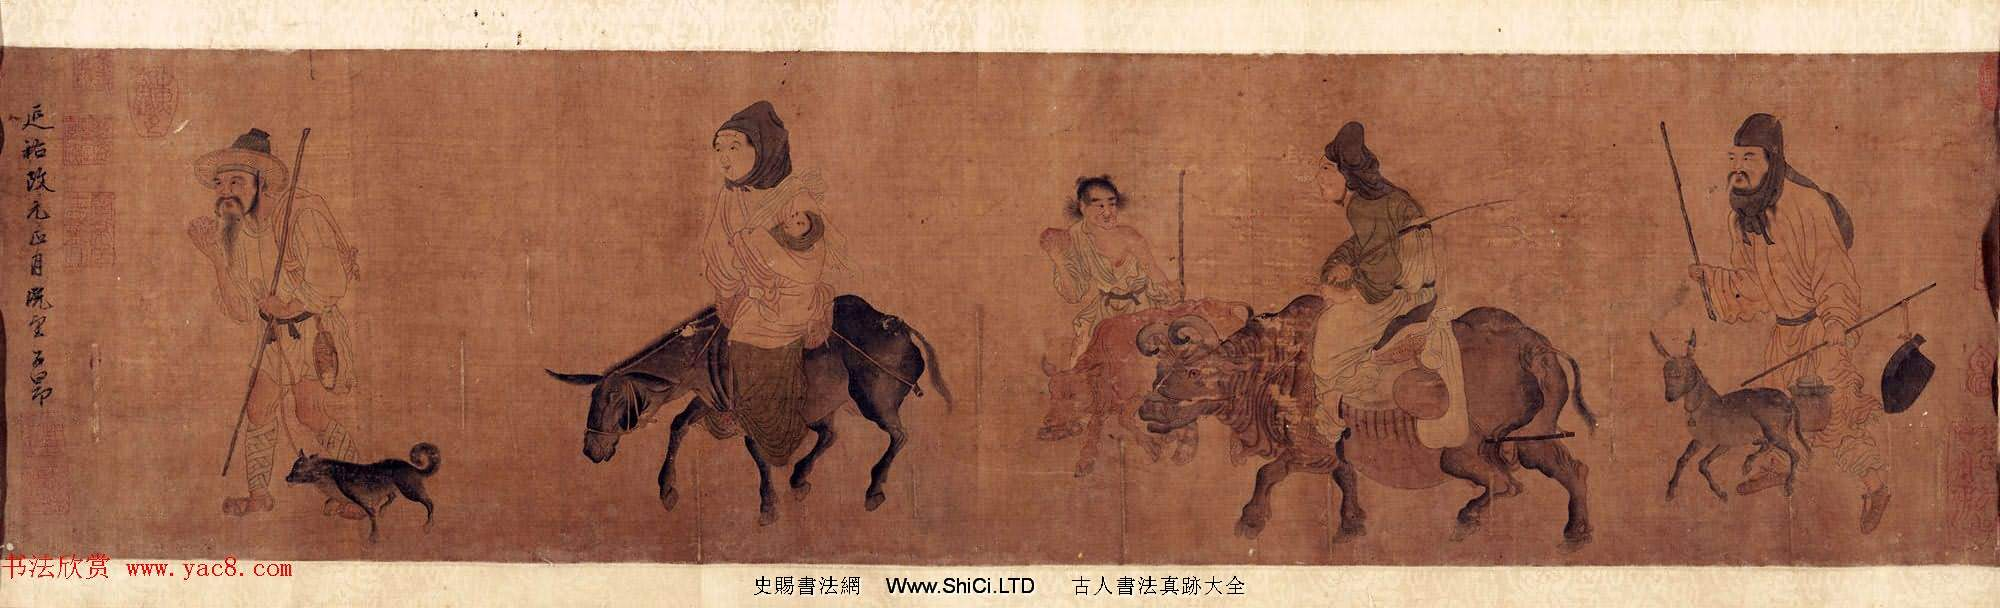 元代趙孟頫款西成歸樂圖卷 美國館藏(共6張圖片)